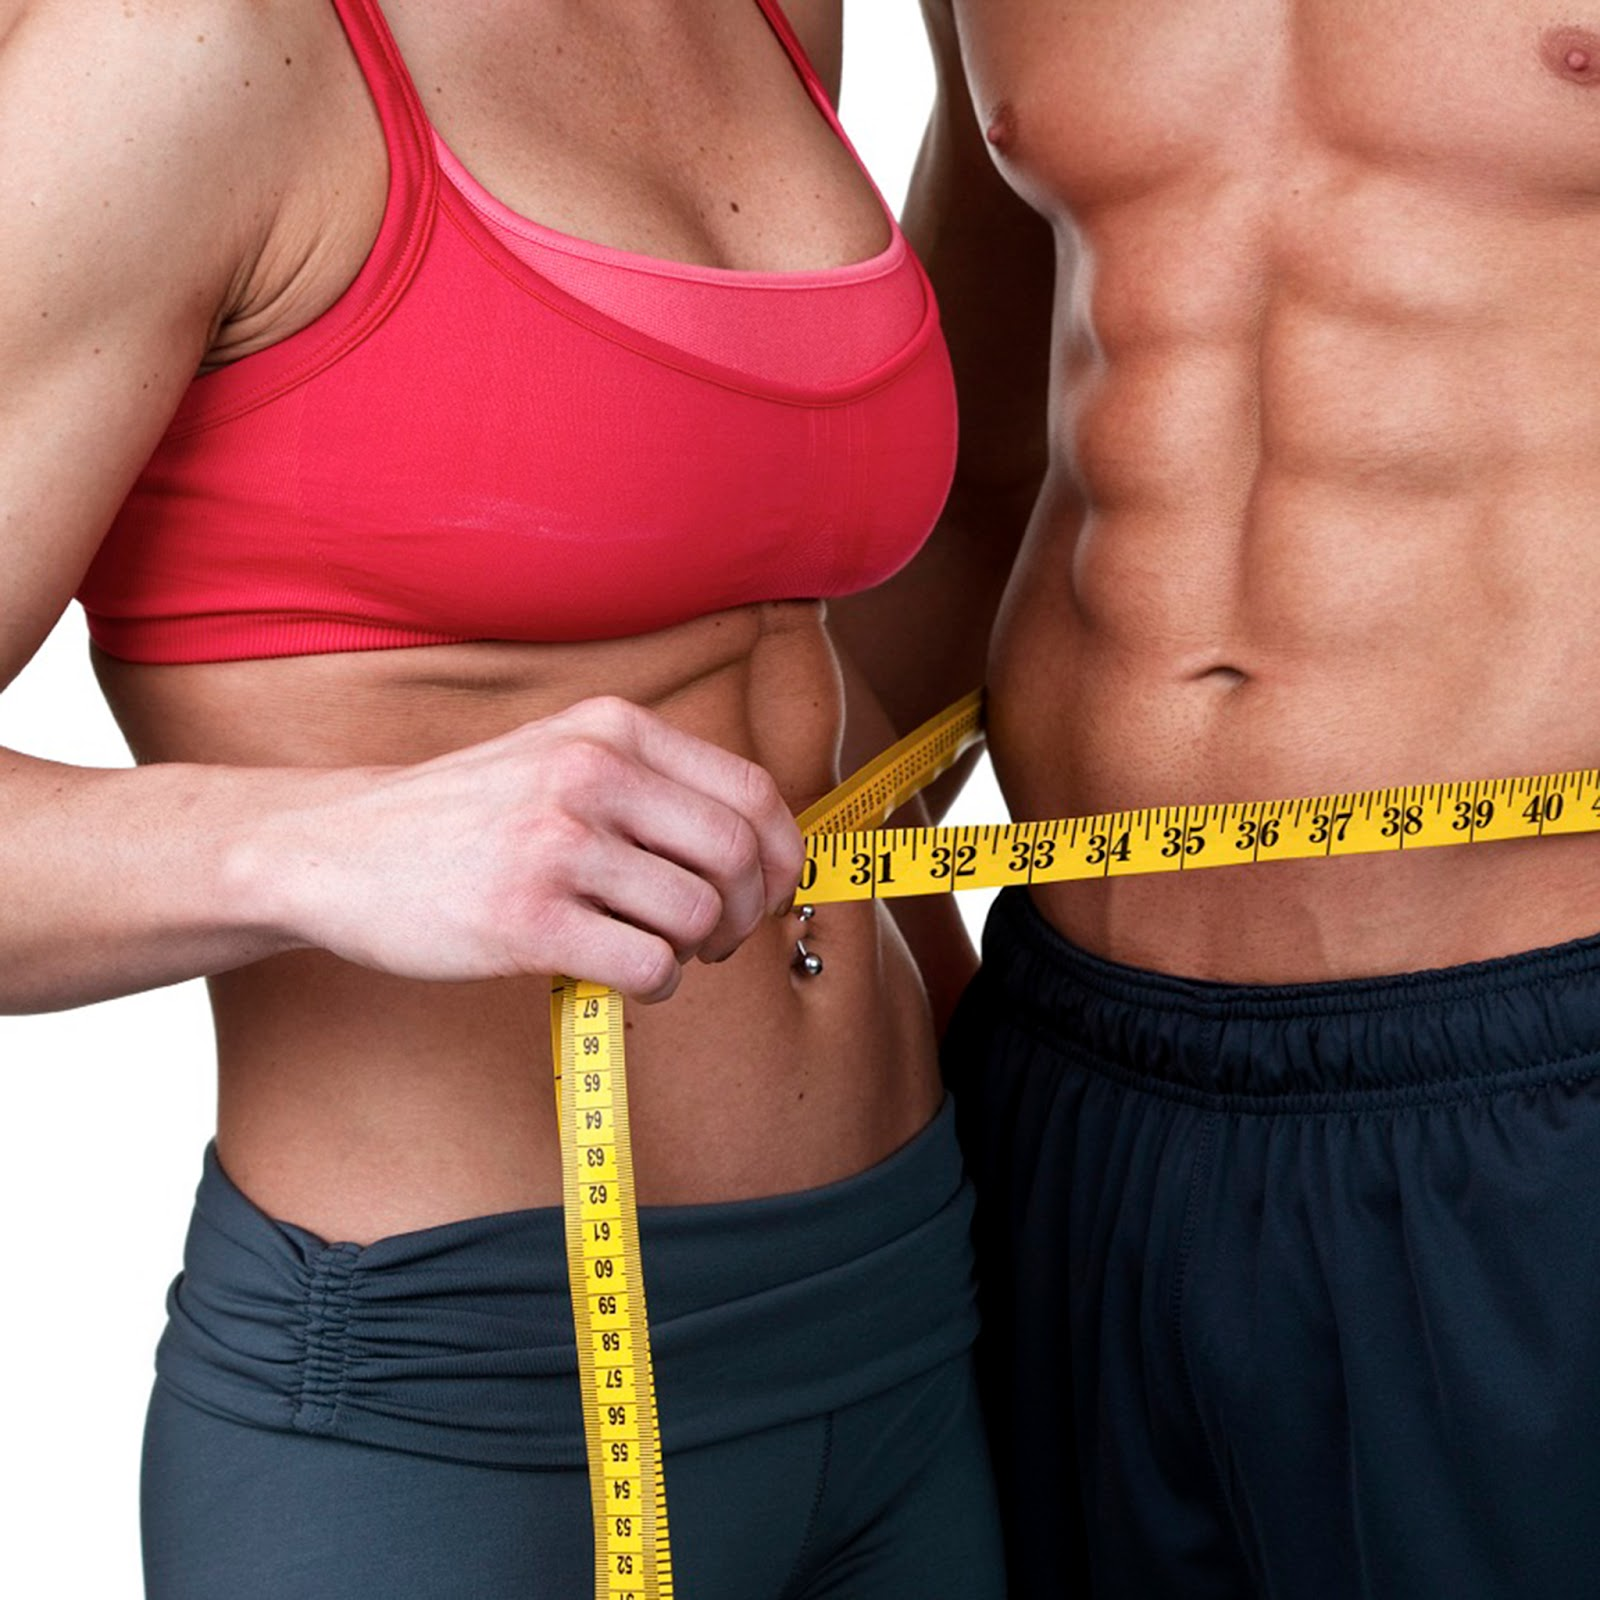 Evde Kolayca Kilo Vermek İçin En Kolay Yöntemler - 1 Haftada 3 Kilo Verin!